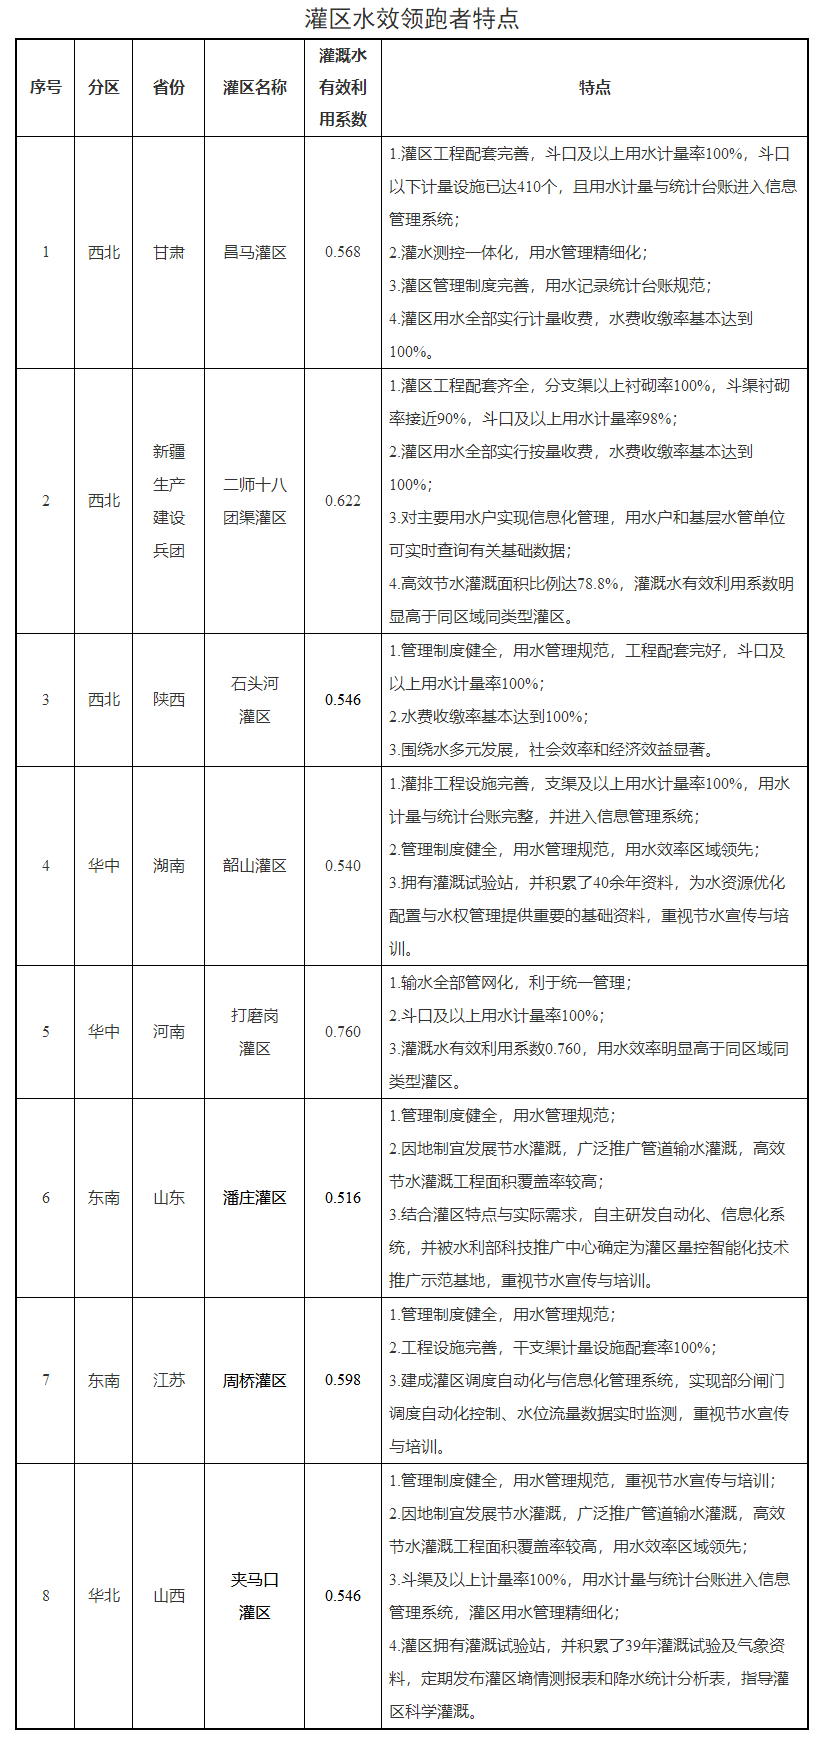 水利部 发展改革委关于公布灌区水效领跑者名单的公告.png